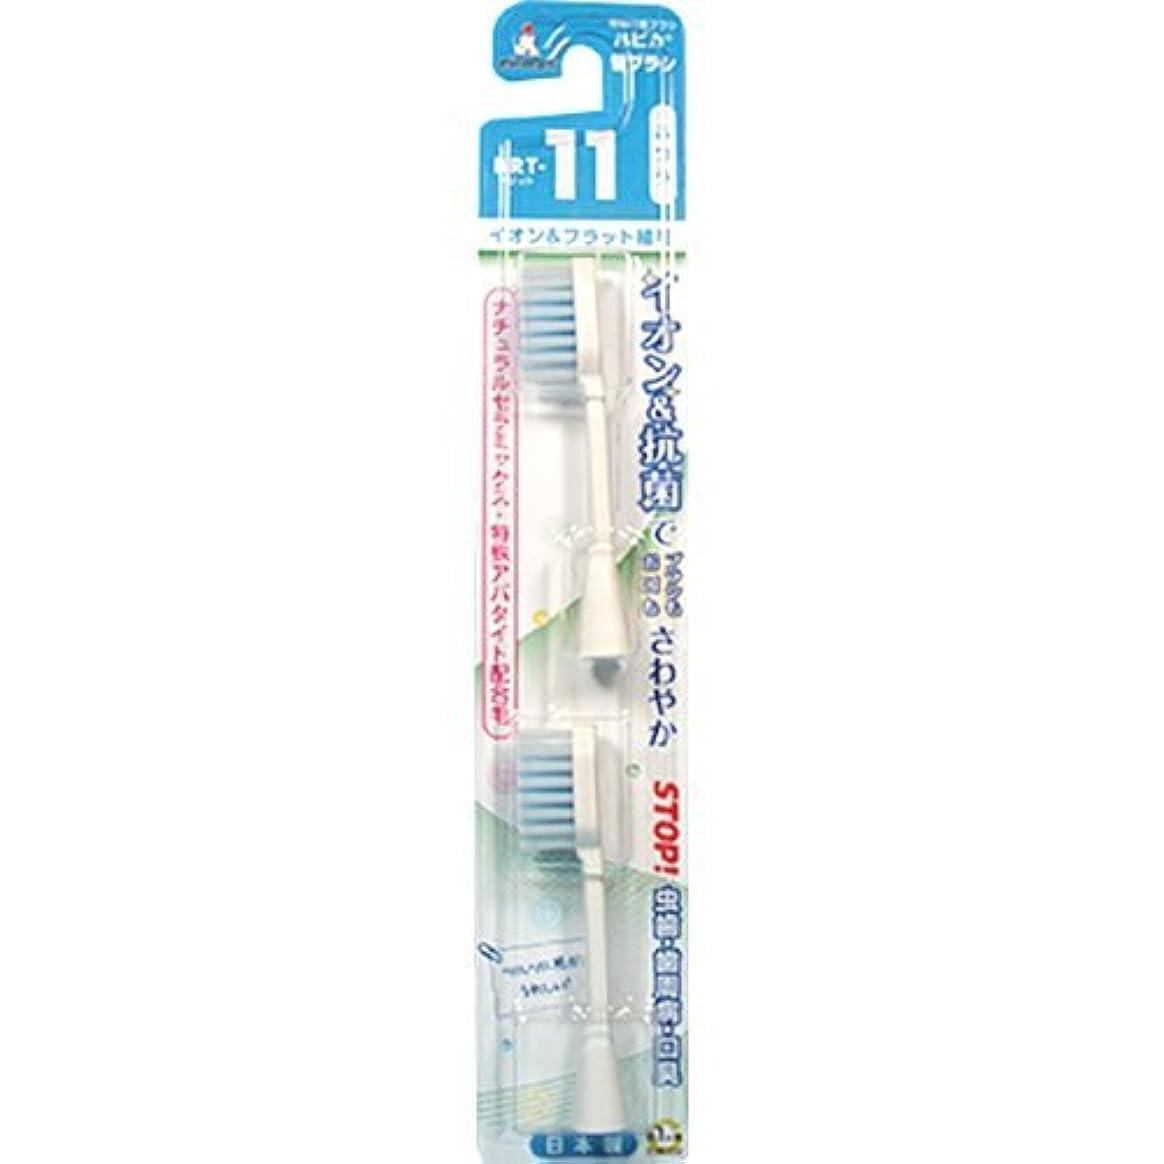 空の宣伝文字ミニマム 電動付歯ブラシ ハピカ 専用替ブラシ イオン+フラット植毛 毛の硬さ:ふつう BRT-11 2個入